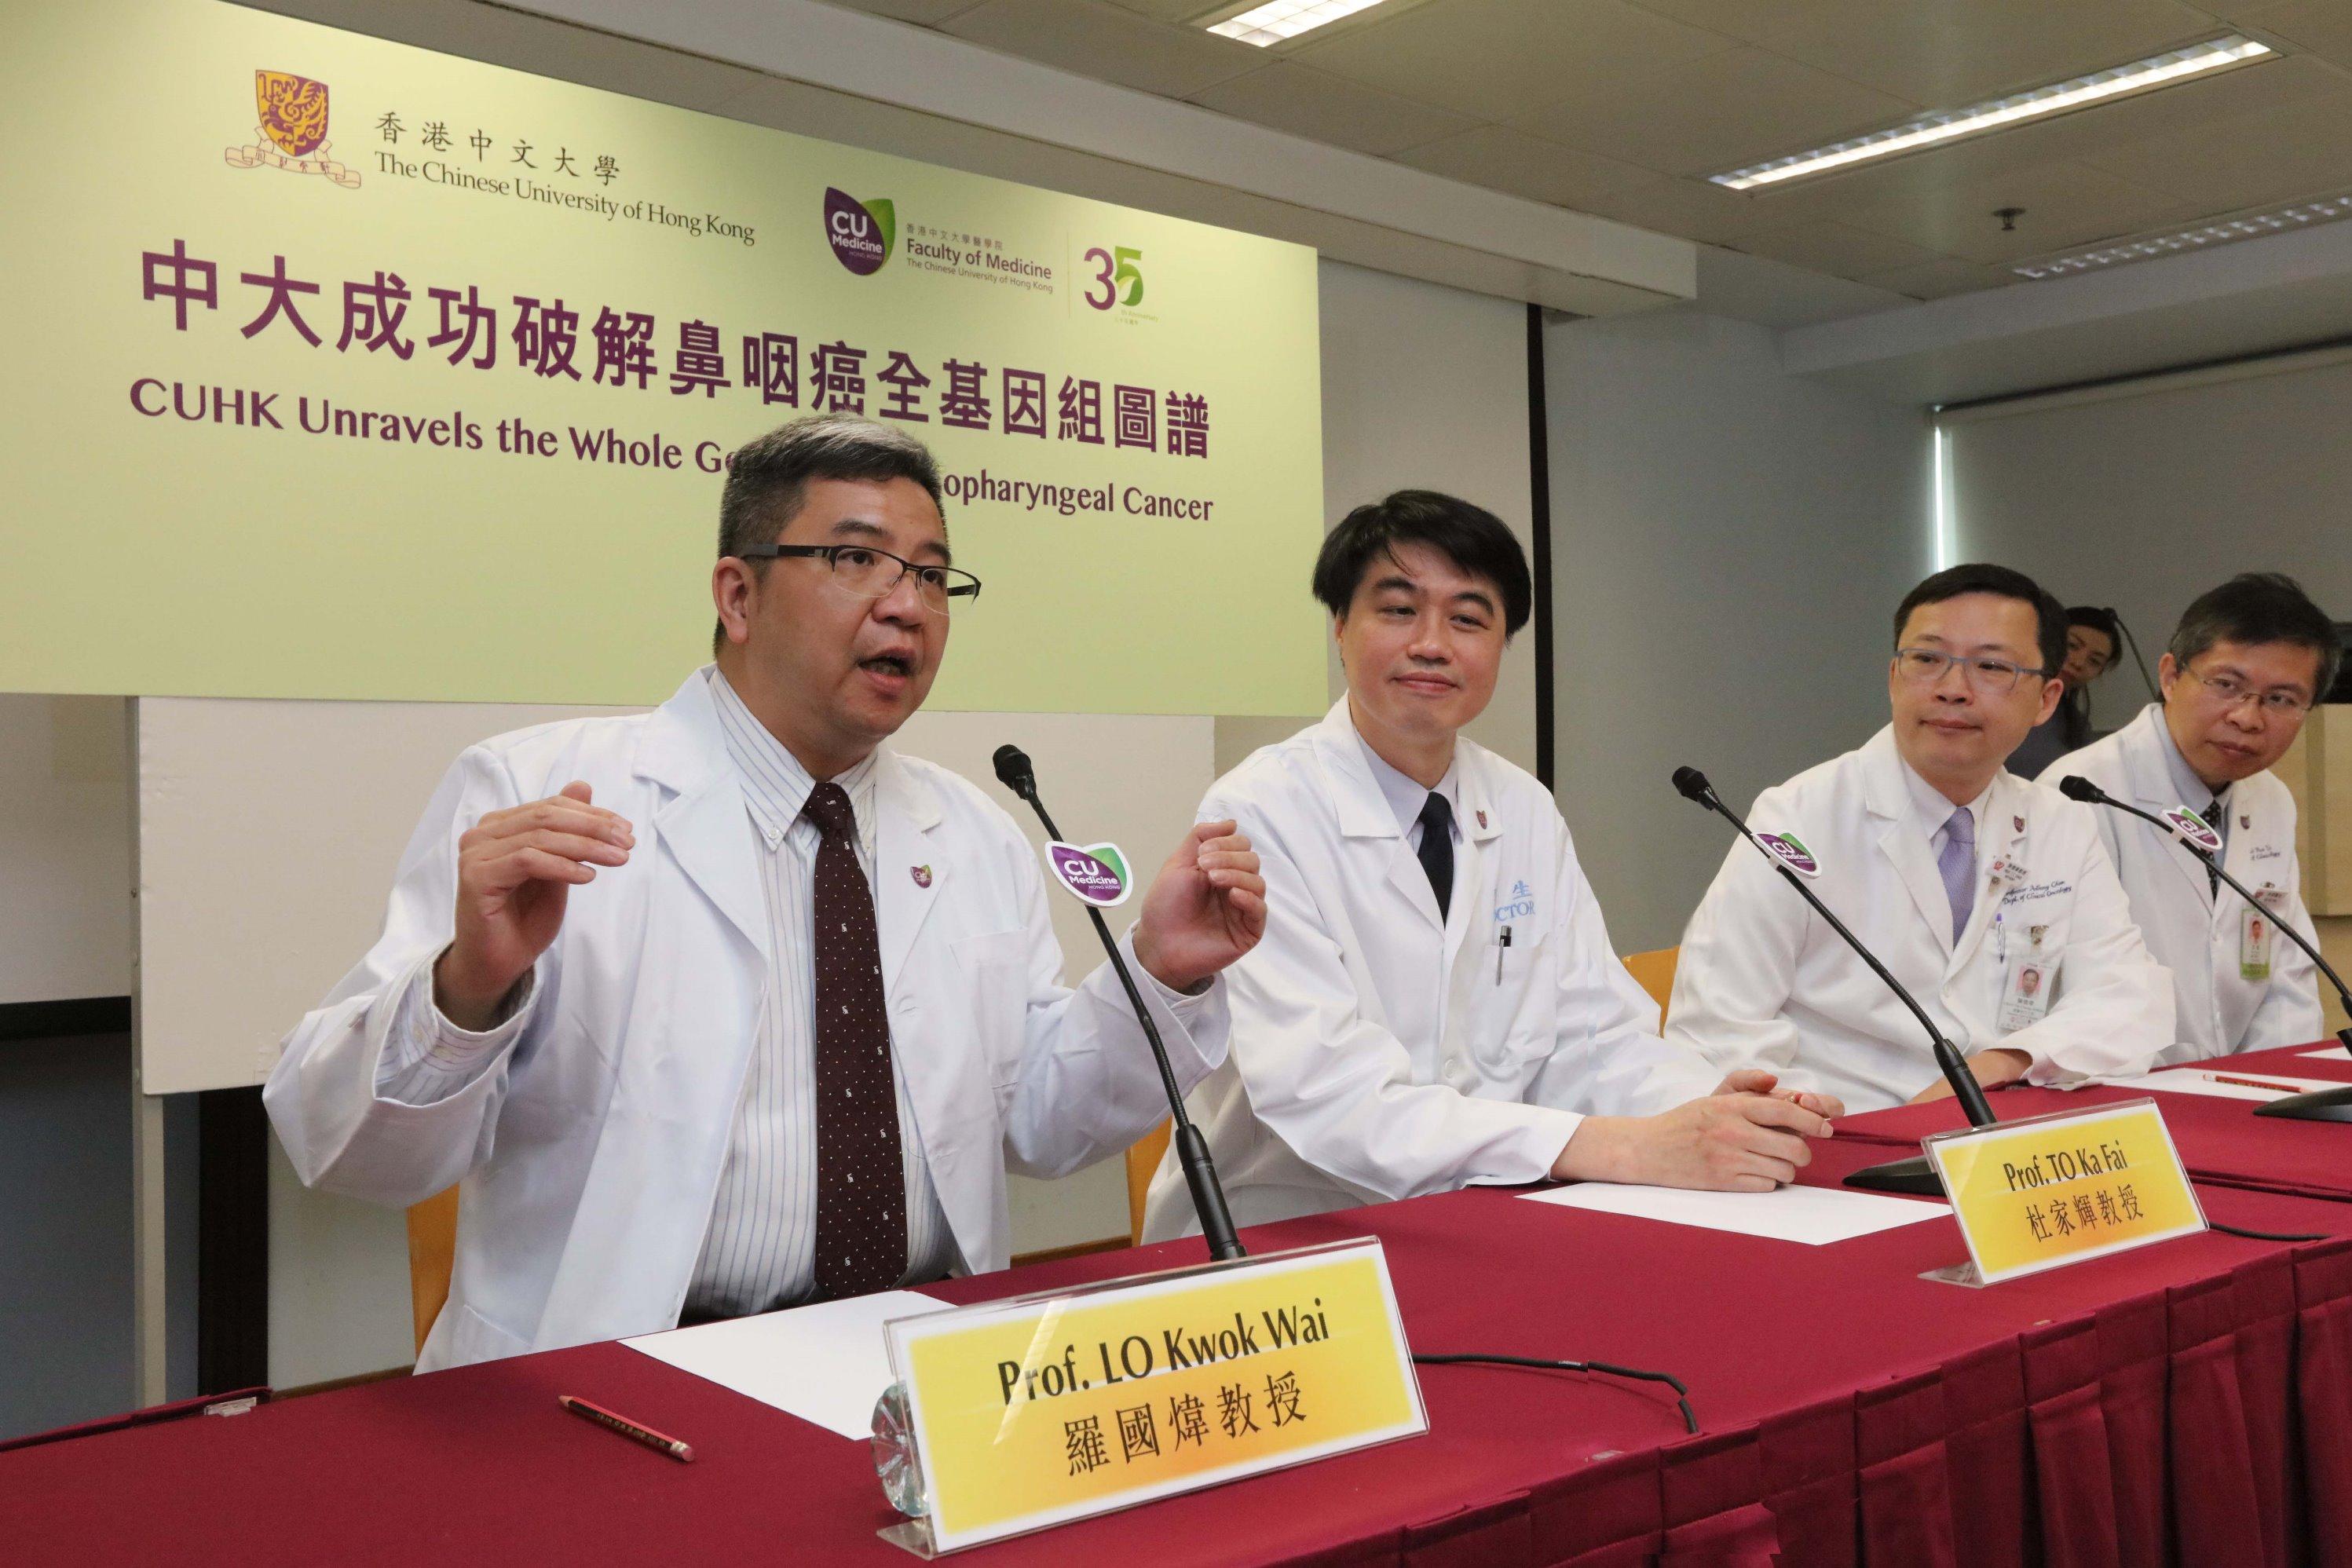 病理解剖及细胞学系罗国炜教授(左一)指出,是次研究发现的基因数据既有助医生评估病人接受特定治疗的疗效,亦确认了针对「NF-κB通道」而开发相关的抑制性药物是治疗鼻咽癌的正确方向。